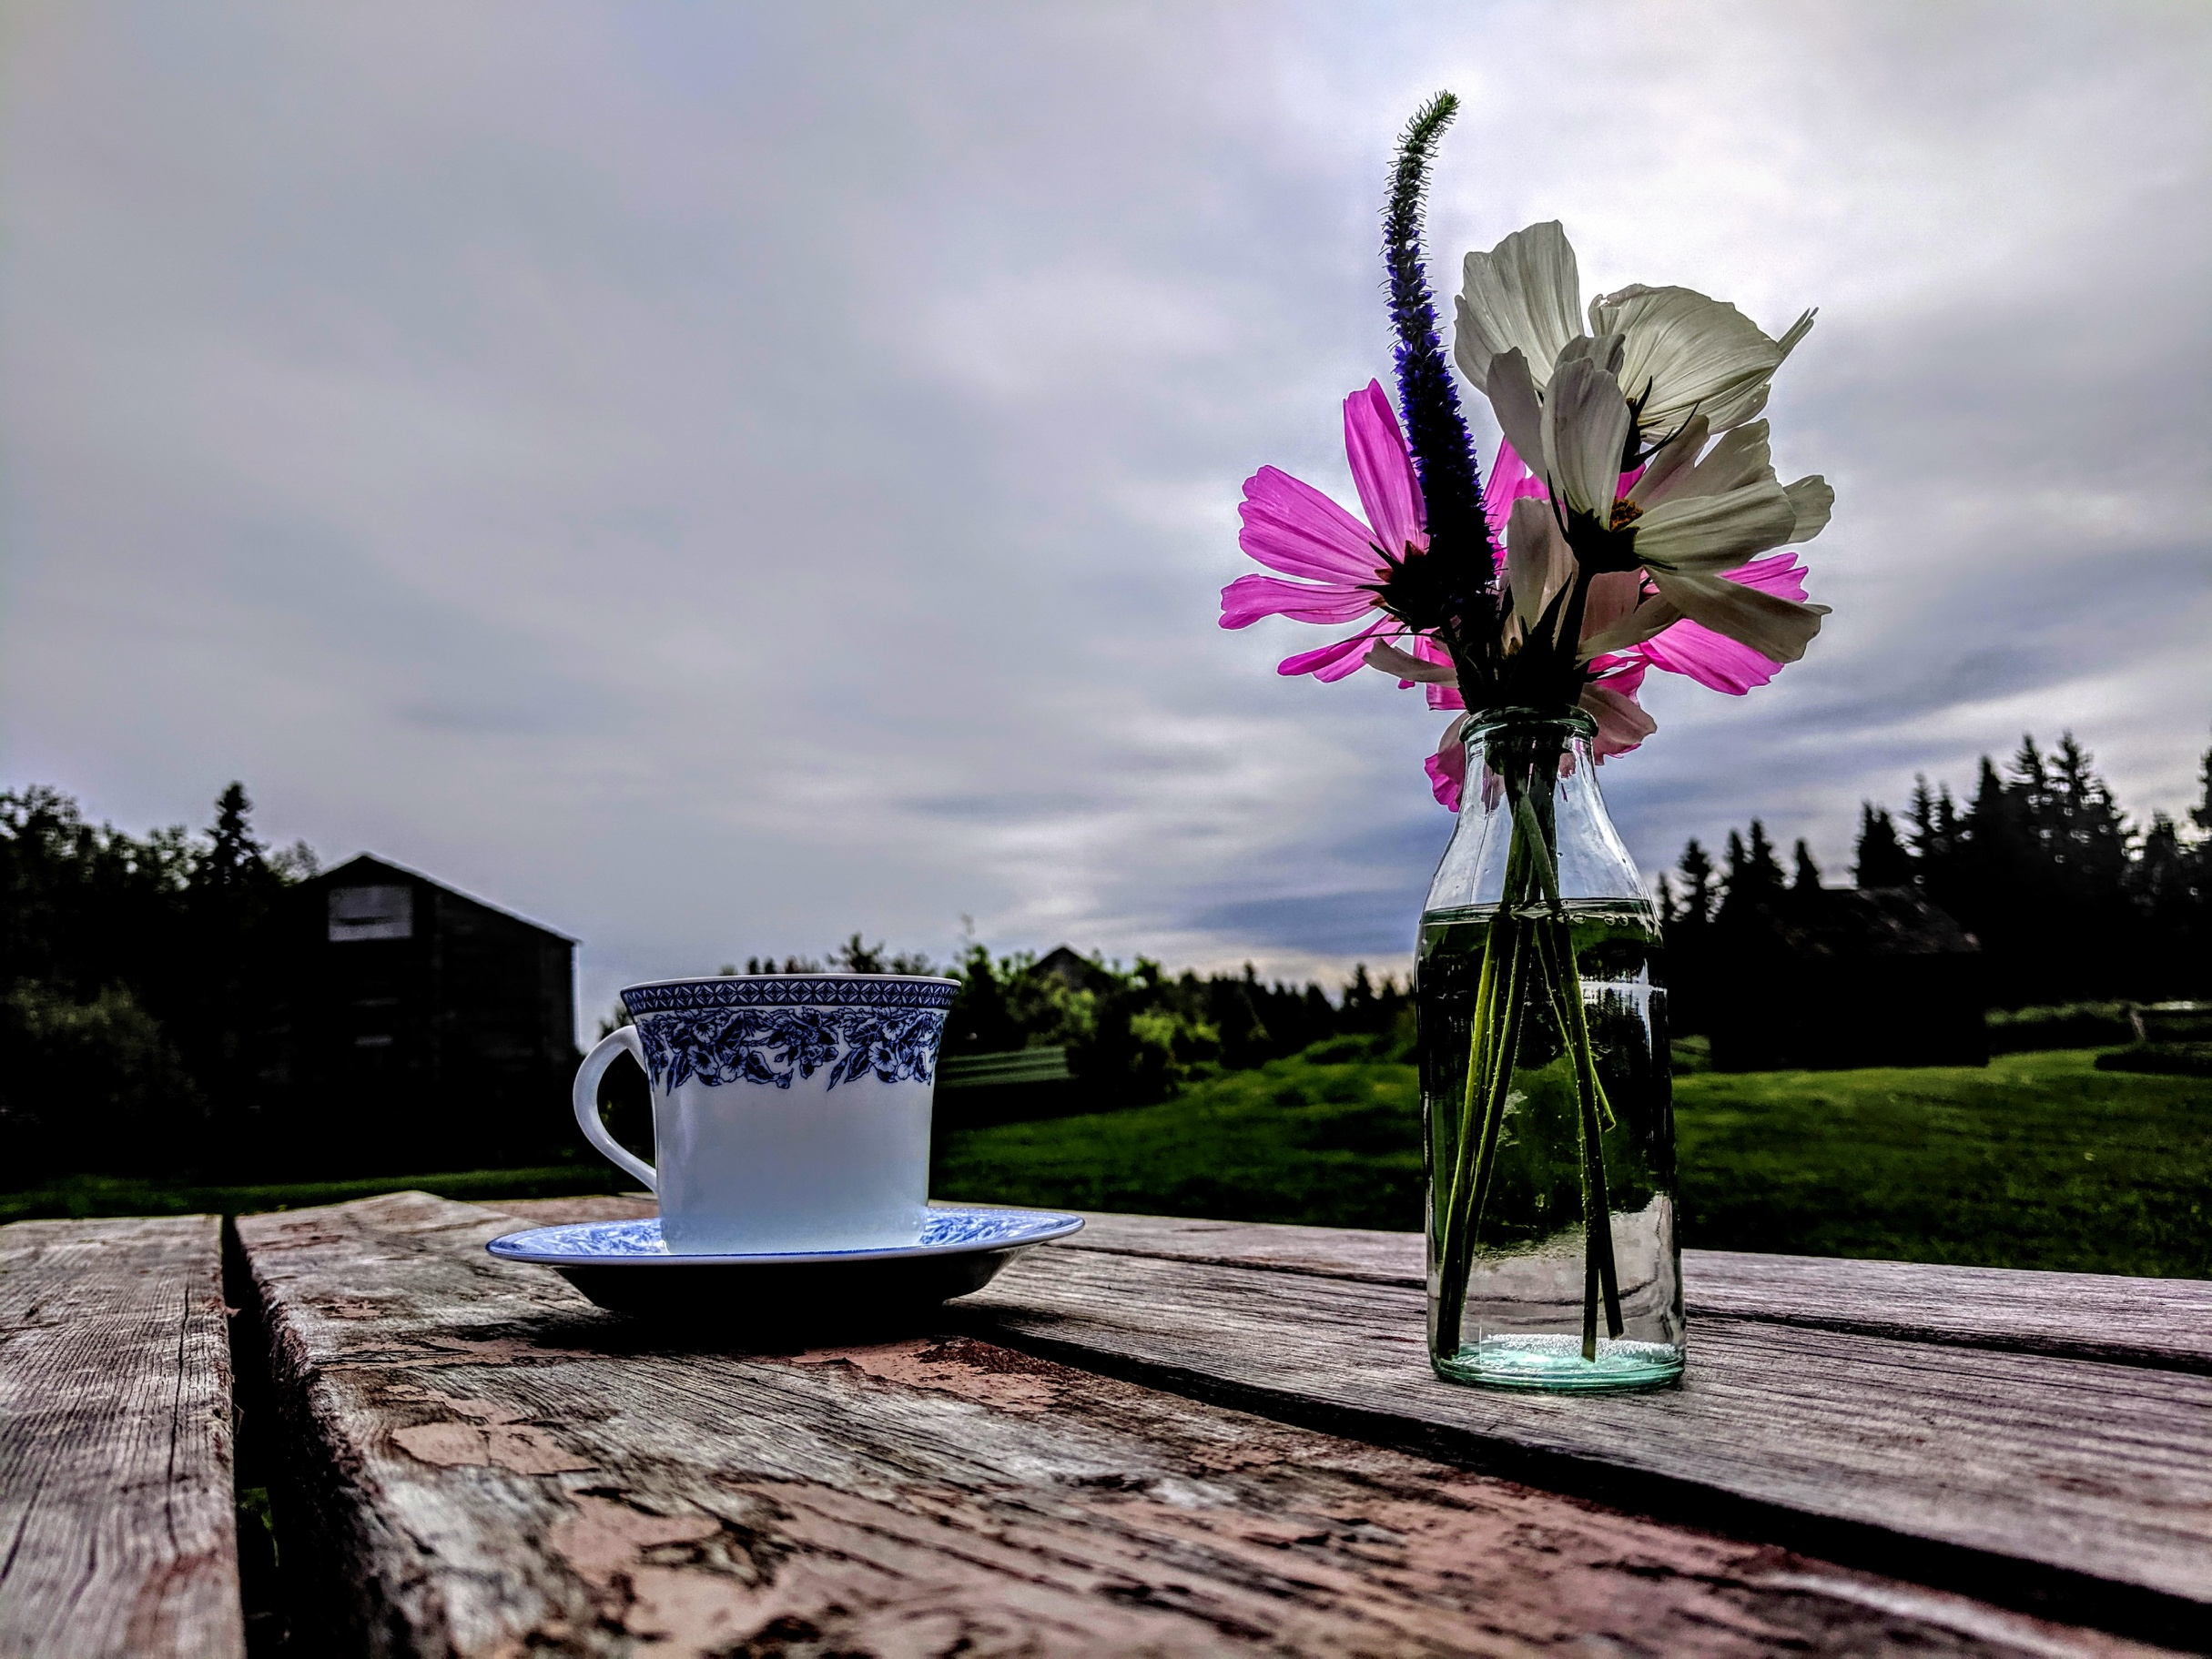 tea in the garden 2019LW1.jpg